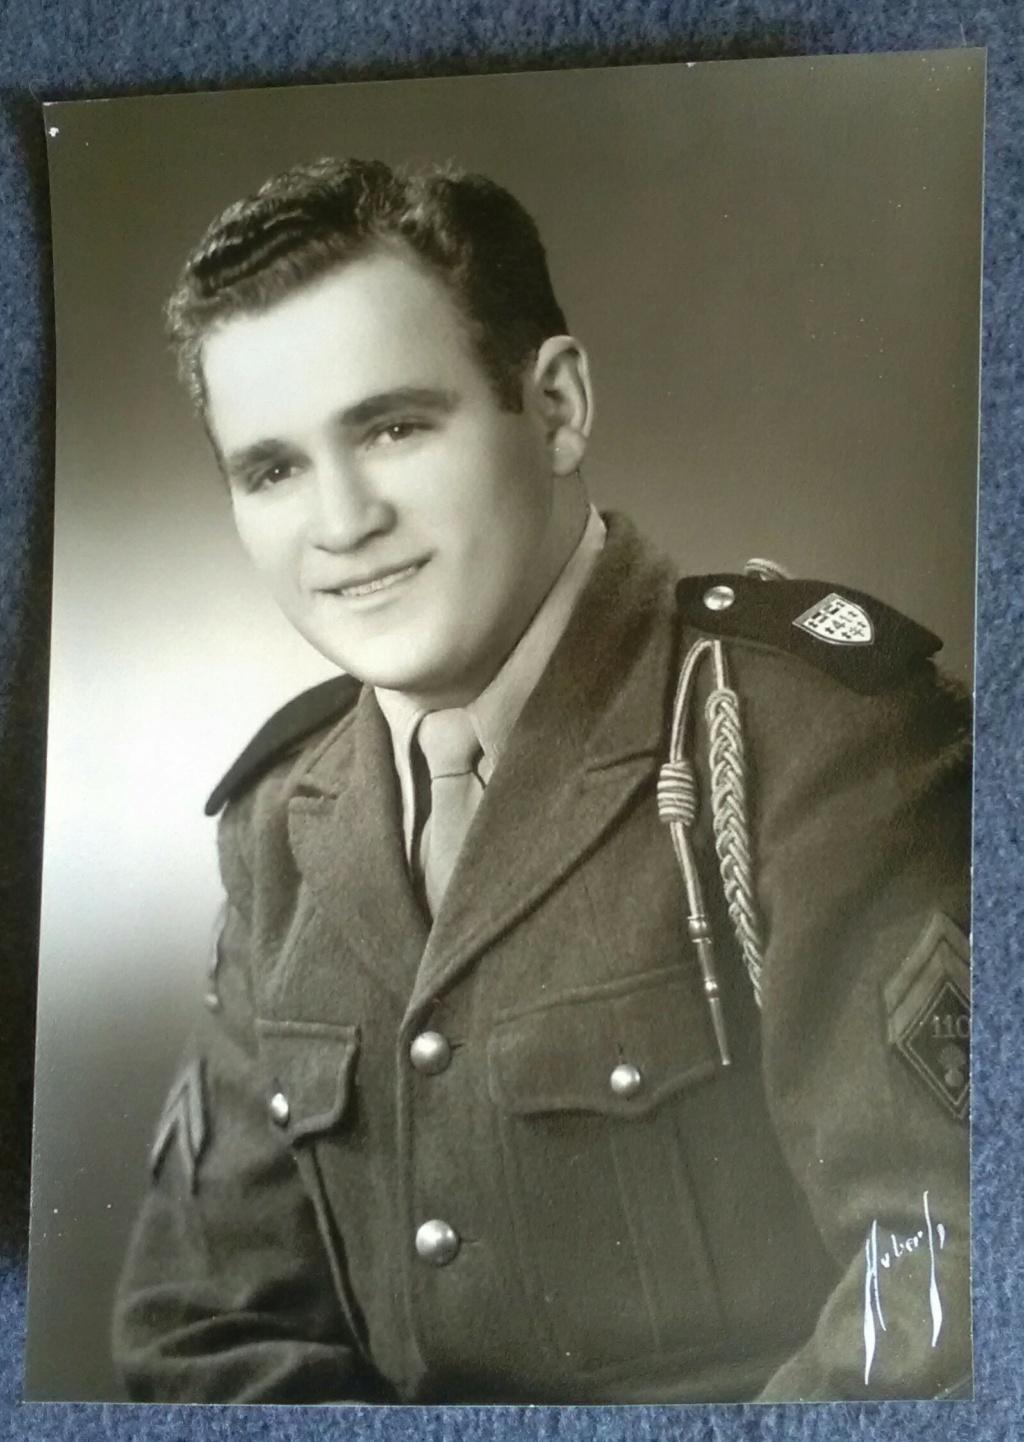 Datation photo d'un caporal d'infanterie - France - années 1950 Img_2237